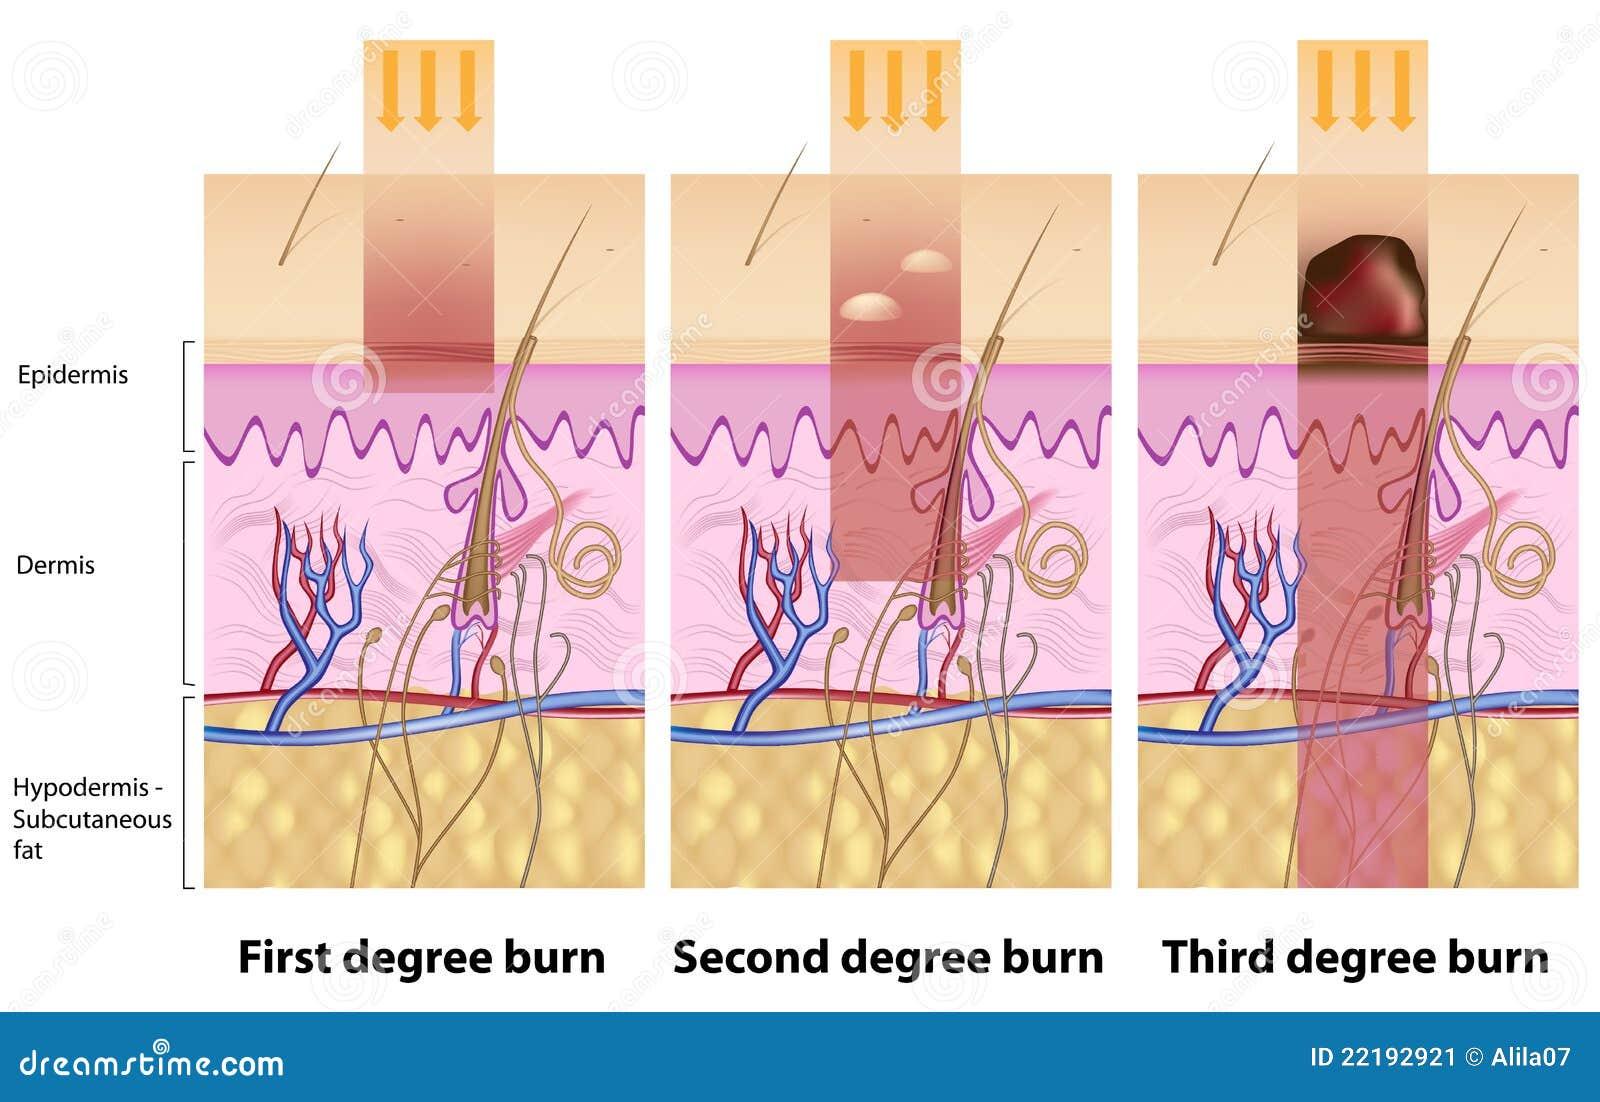 Quemaduras de la piel ilustración del vector. Ilustración de grado ...